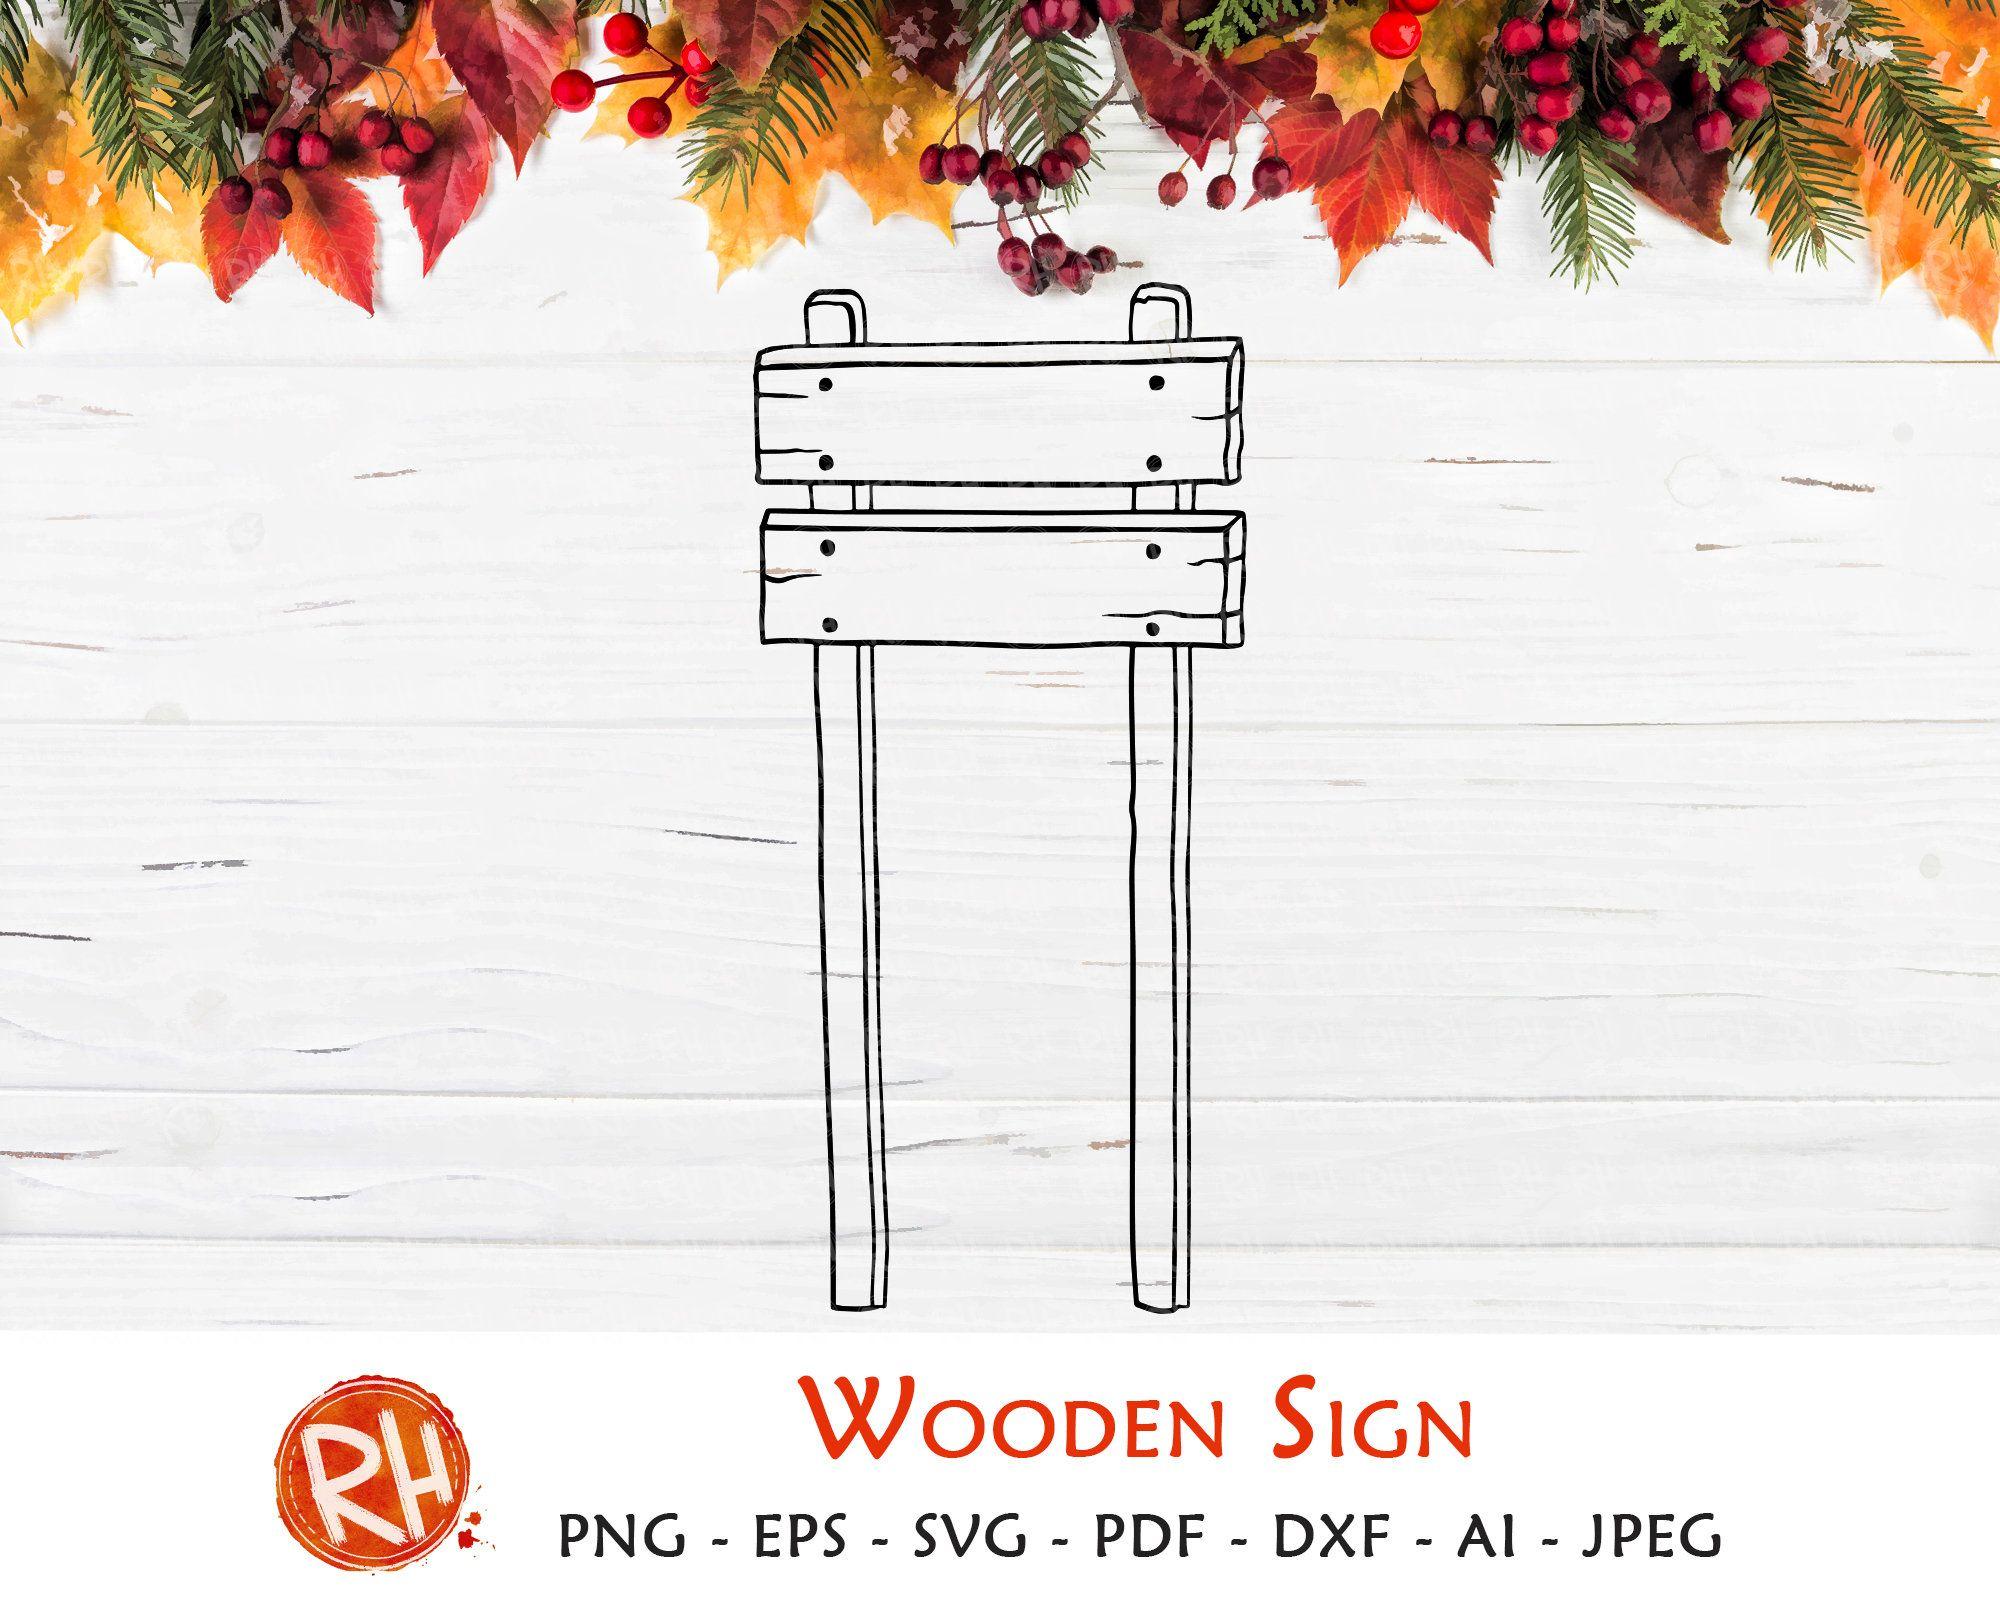 Wooden Sign Svg Vintage Sign Svg Old Sign Svg Signboard Etsy Wooden Signs Vintage Signs Svg